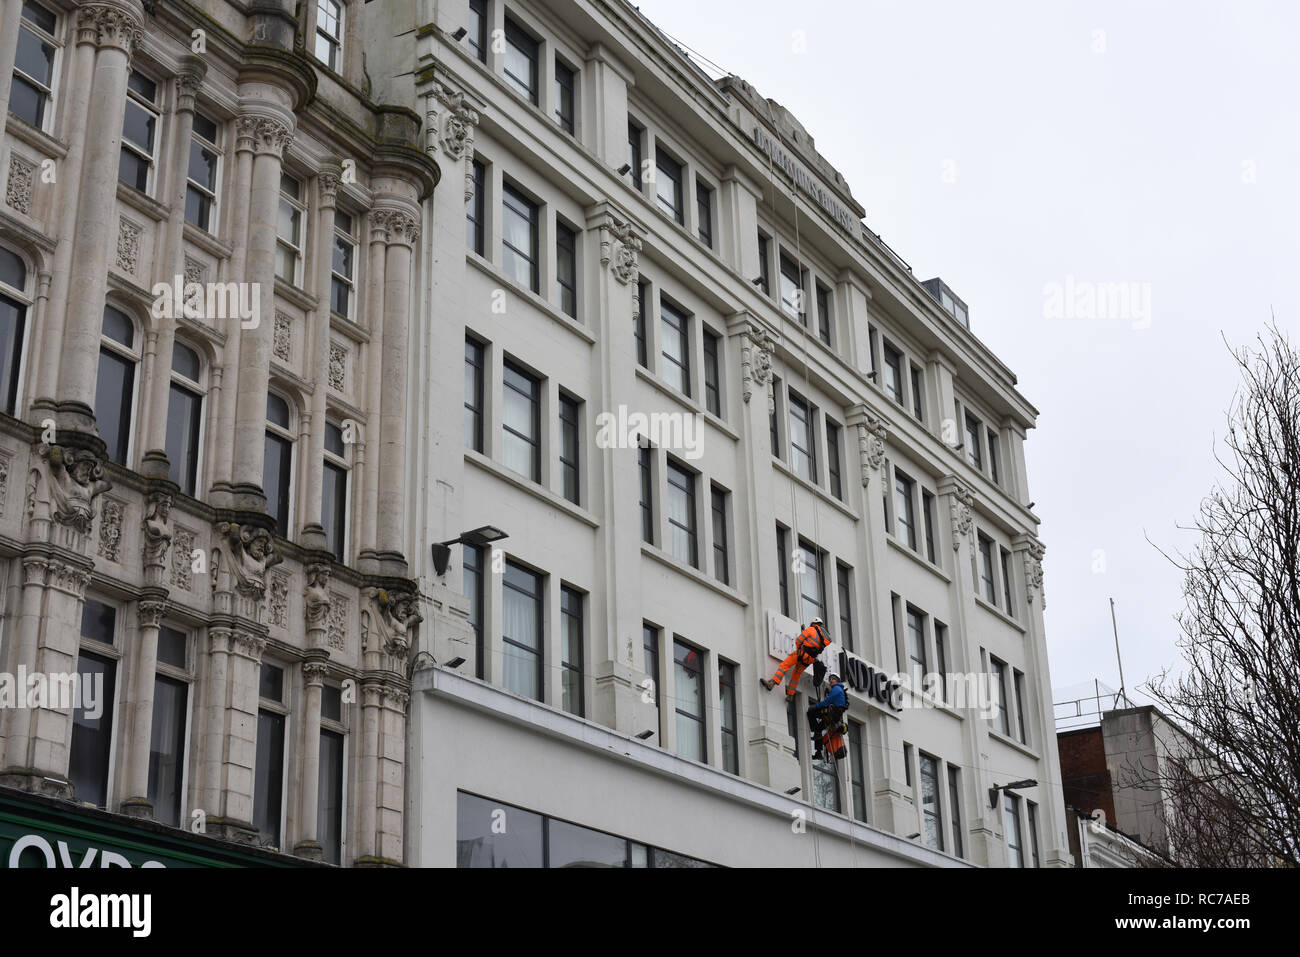 Hotel Indigo Cardiff number 3783 - Stock Image